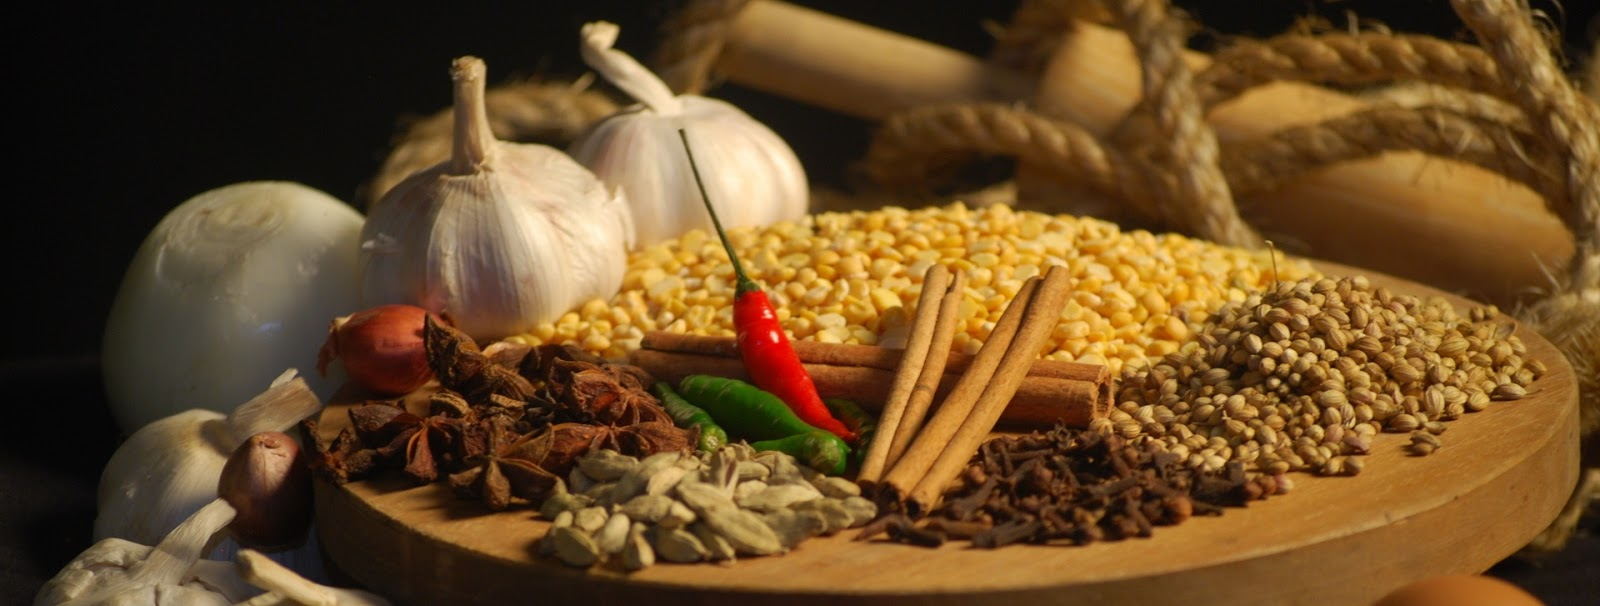 Kuchenne zamienniki - co czym zastąpić i do czego stosować